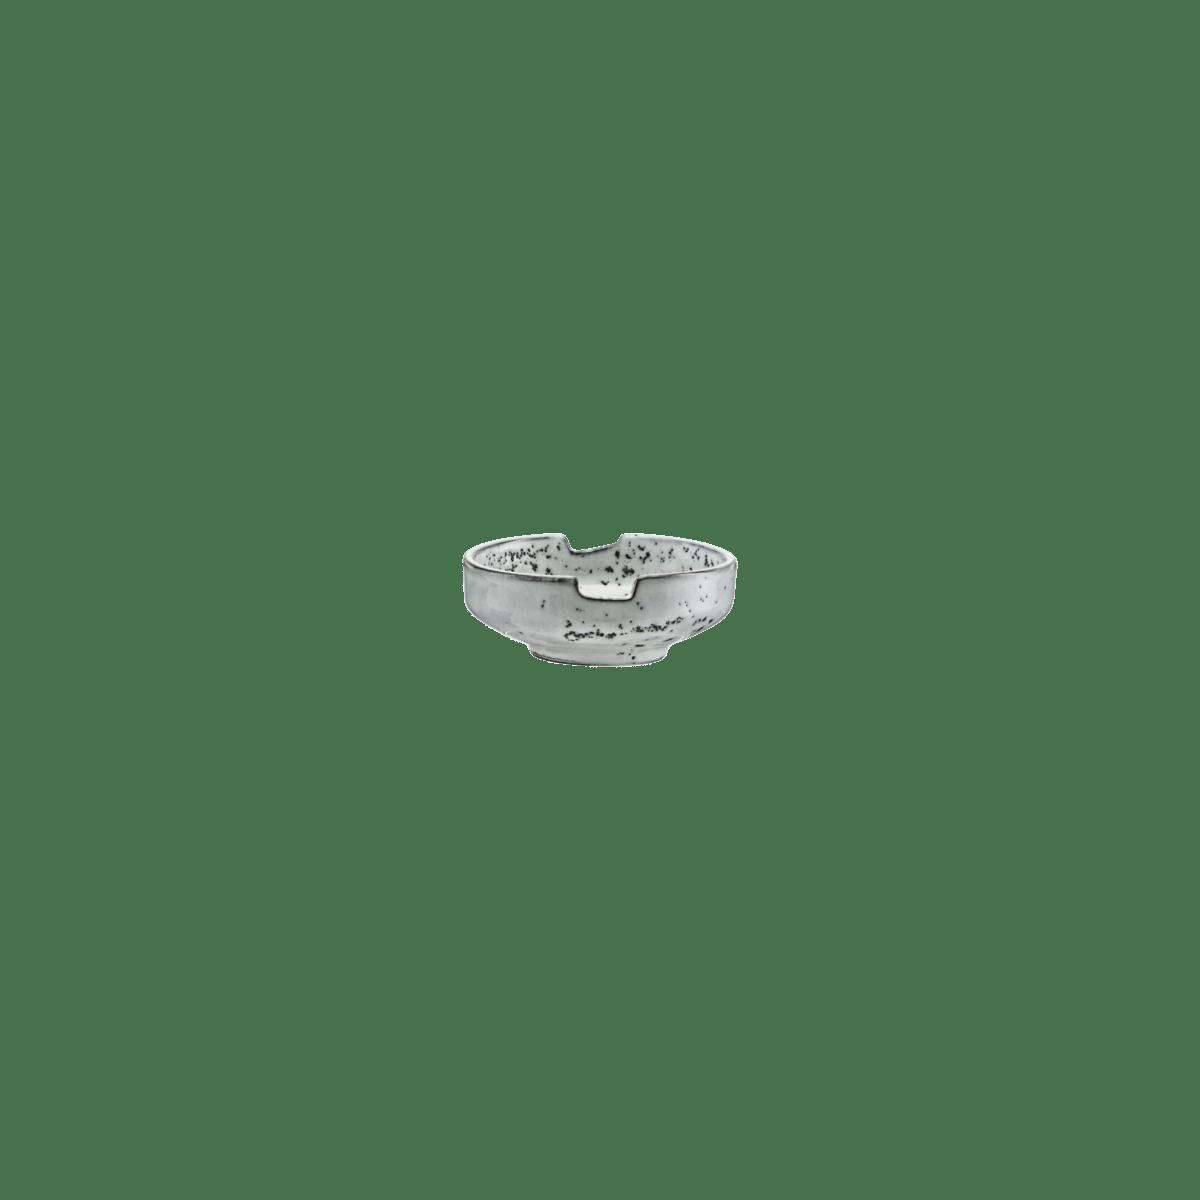 Šedomodrá miska na sóju Rustic